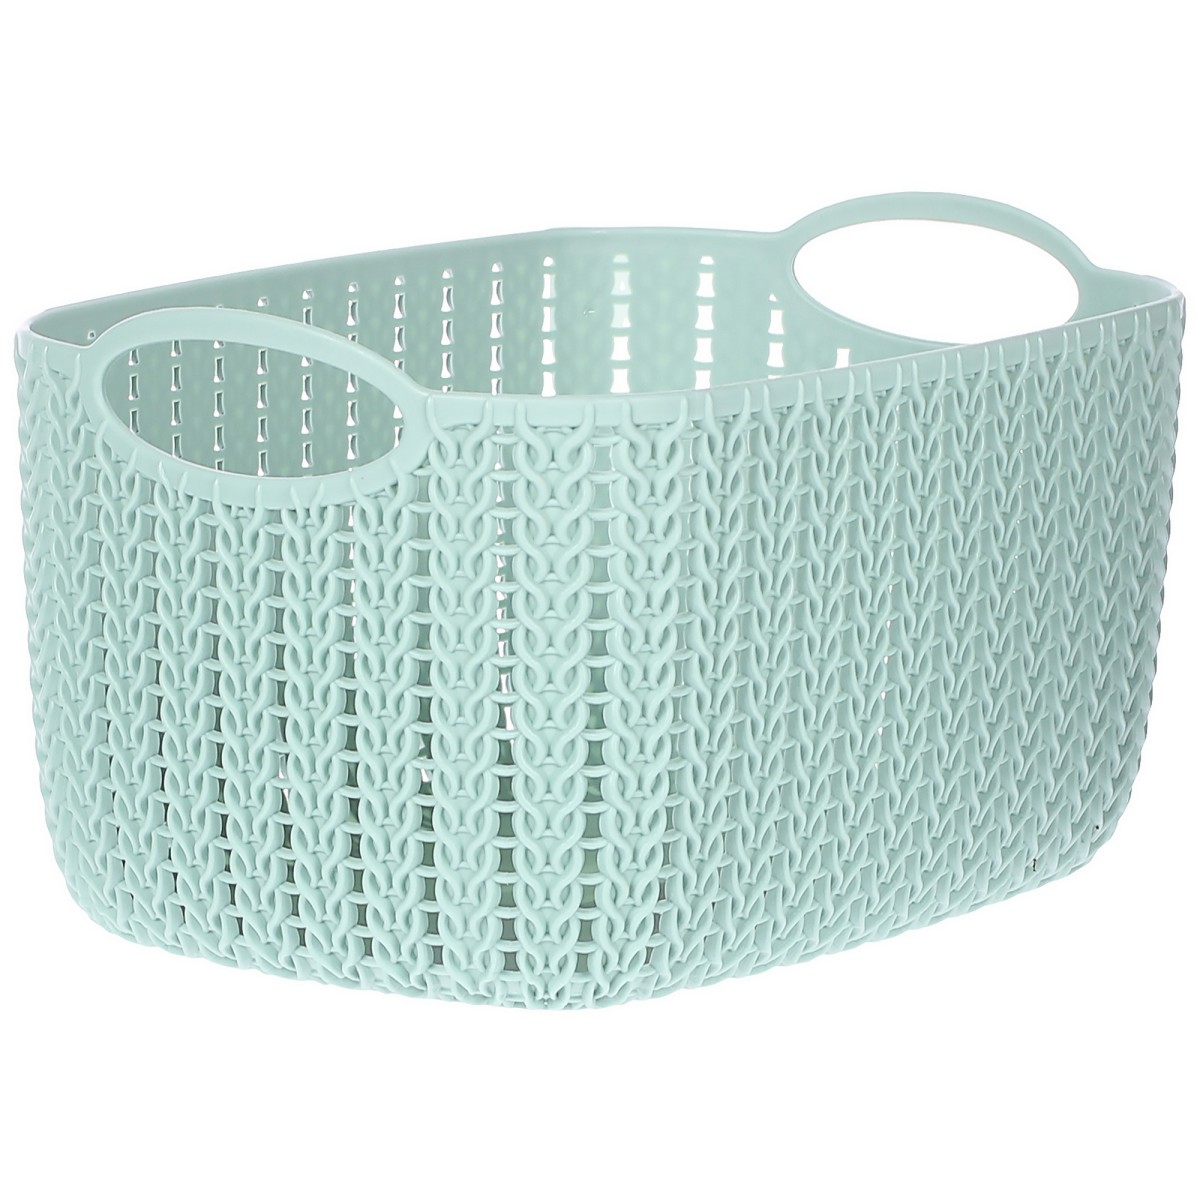 Корзина для хранения Вязание 4 л цвет фисташковый